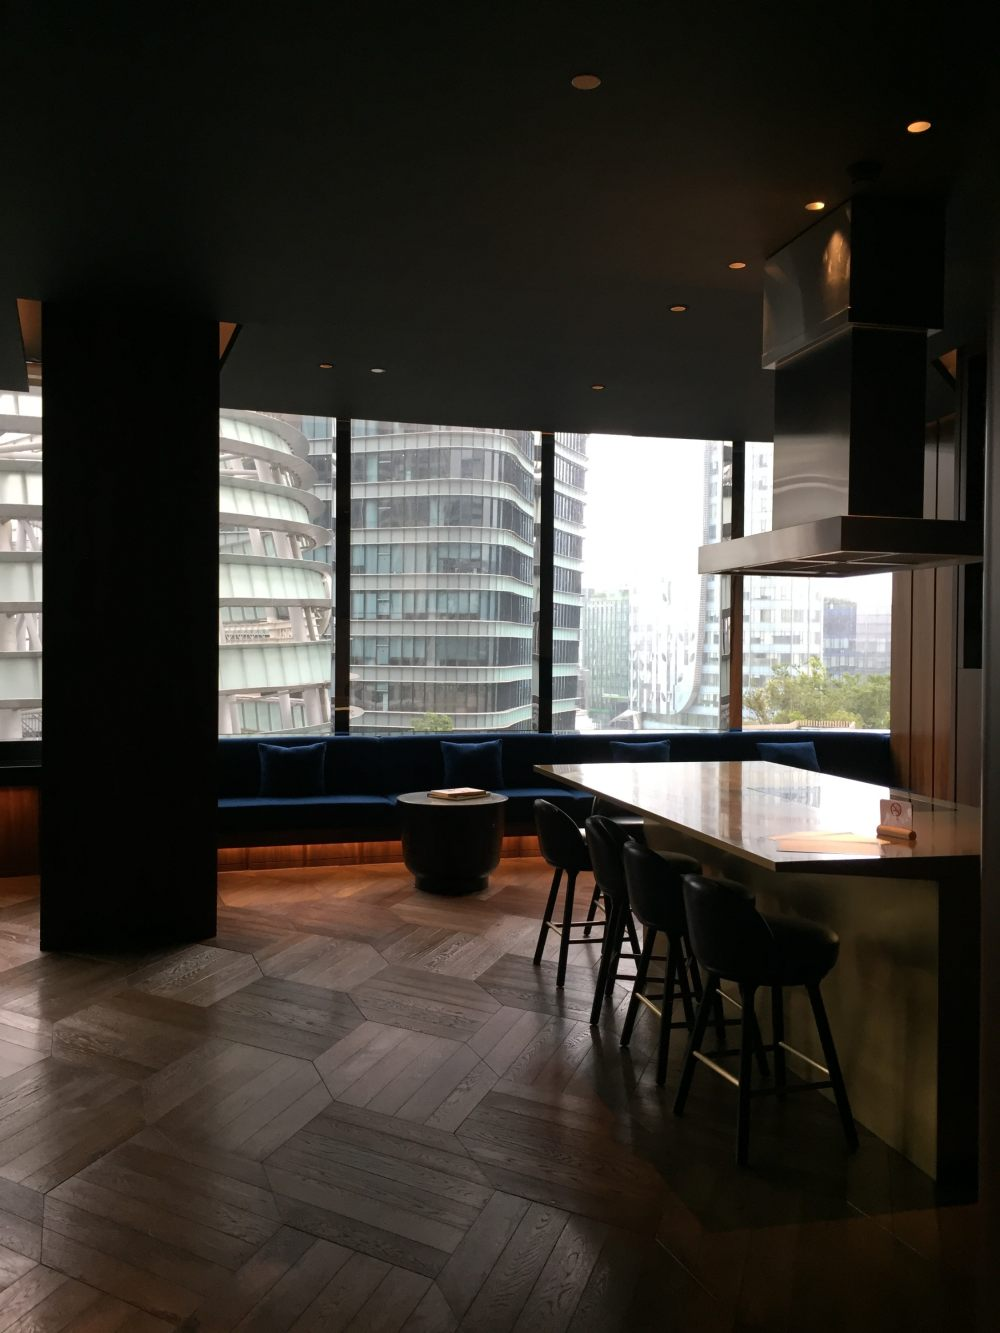 上海外滩W酒店,史上最全入住体验 自拍分享,申请置...._IMG_6297.JPG